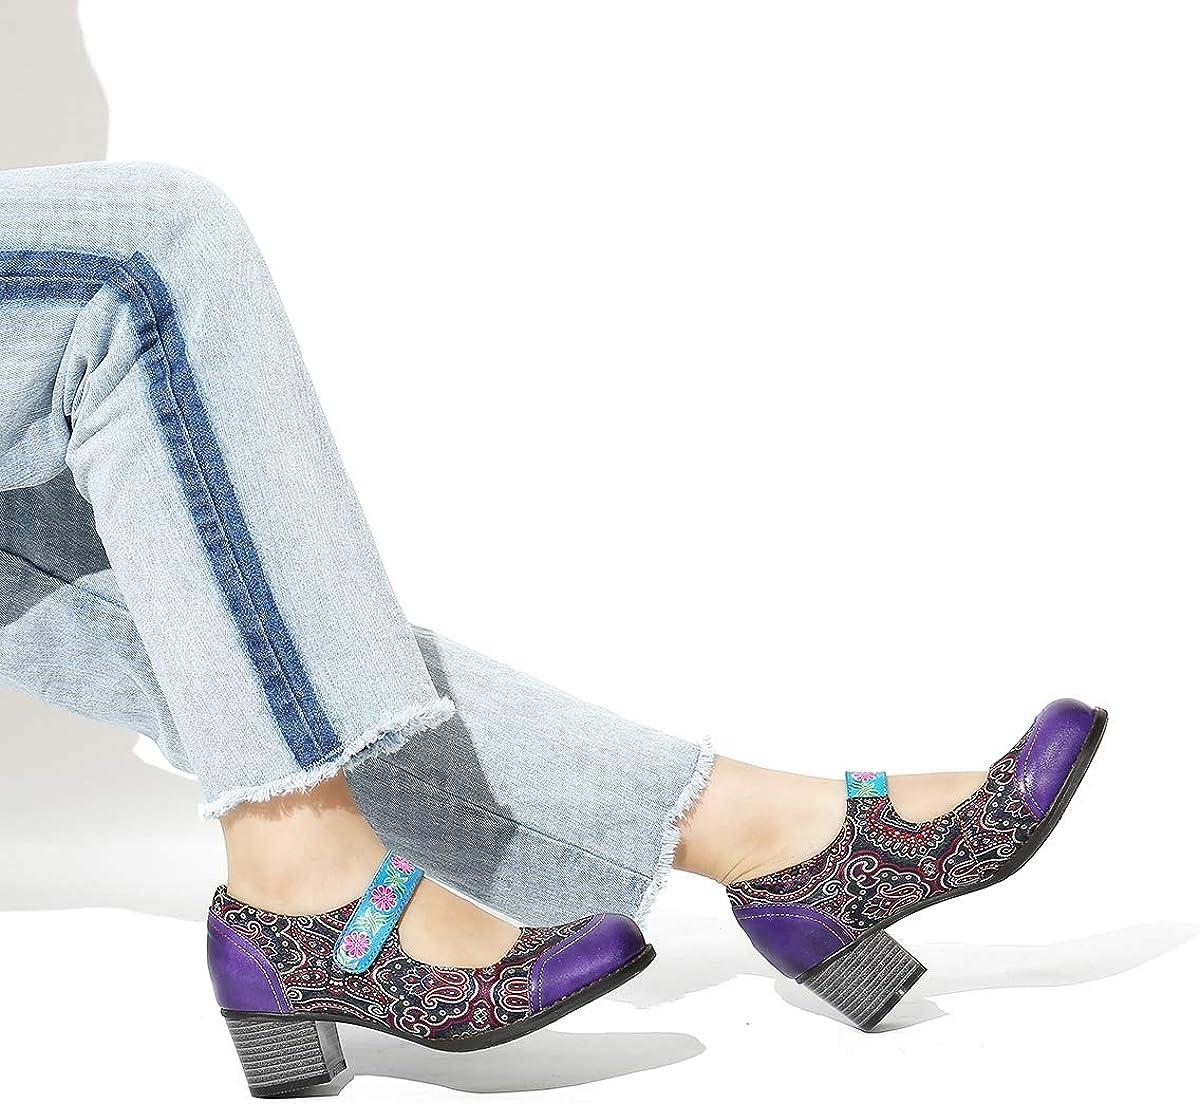 Gracosy Bottes Cuir Femmes Chaussures de Ville /à Lacets avec Dessin des Roses Bottines Mocassins Talons Hauts Boots Boh/ème Confortable Original Printemps /Ét/é Violet Bleu